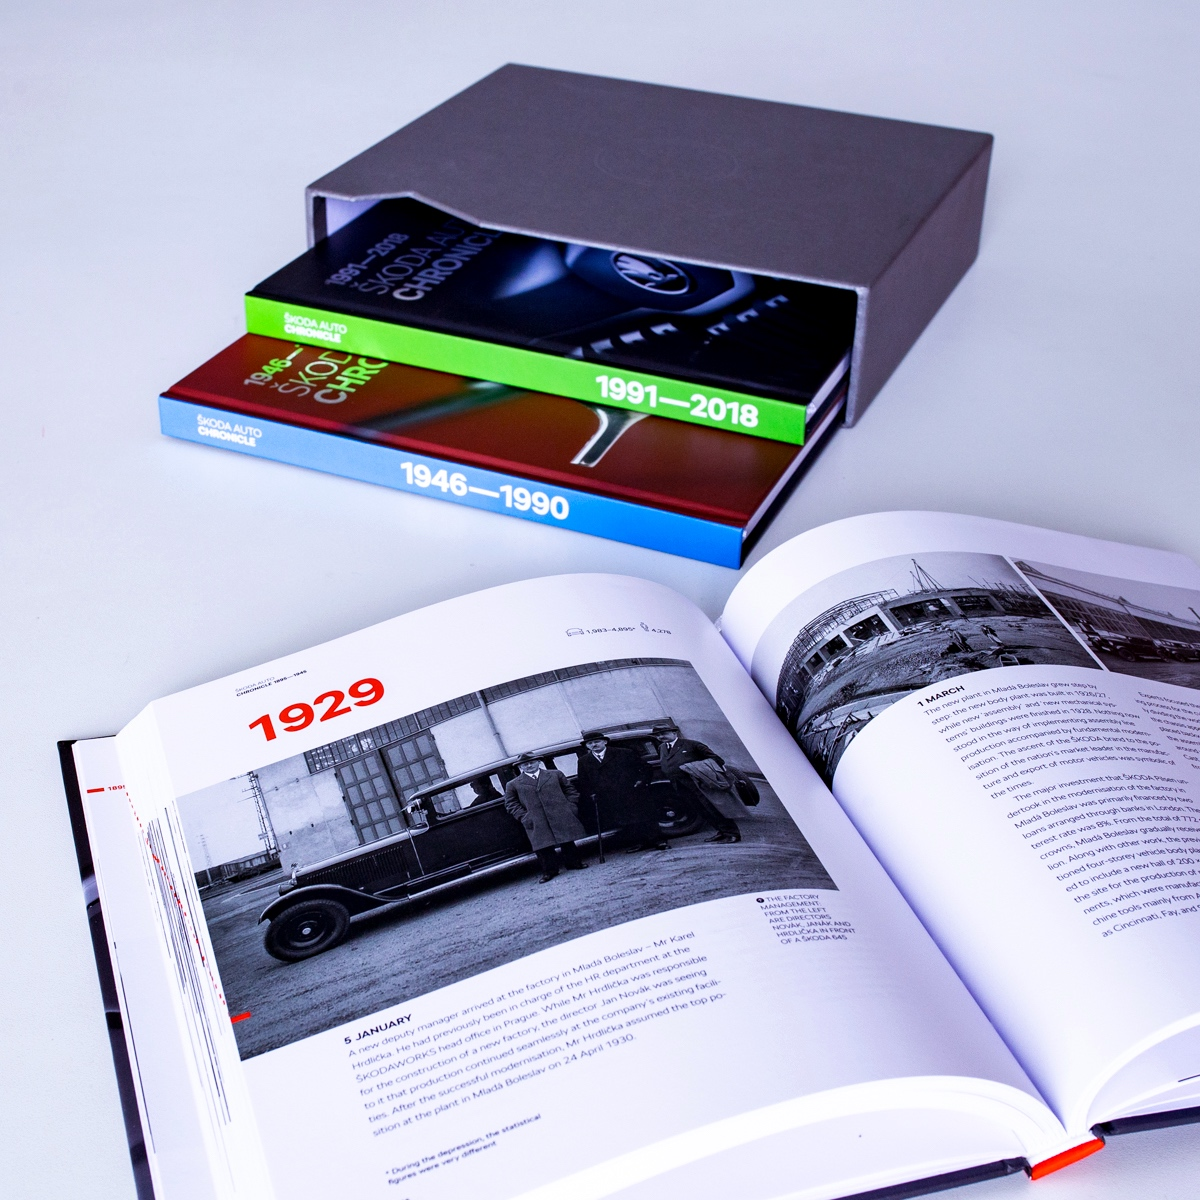 528 stran, 705 vyobrazení, to vše ve třech jazykových verzích je Kronika Škoda Auto, která se prodává za 1.101 Kč. První náklad byl vyprodán během pár týdnů